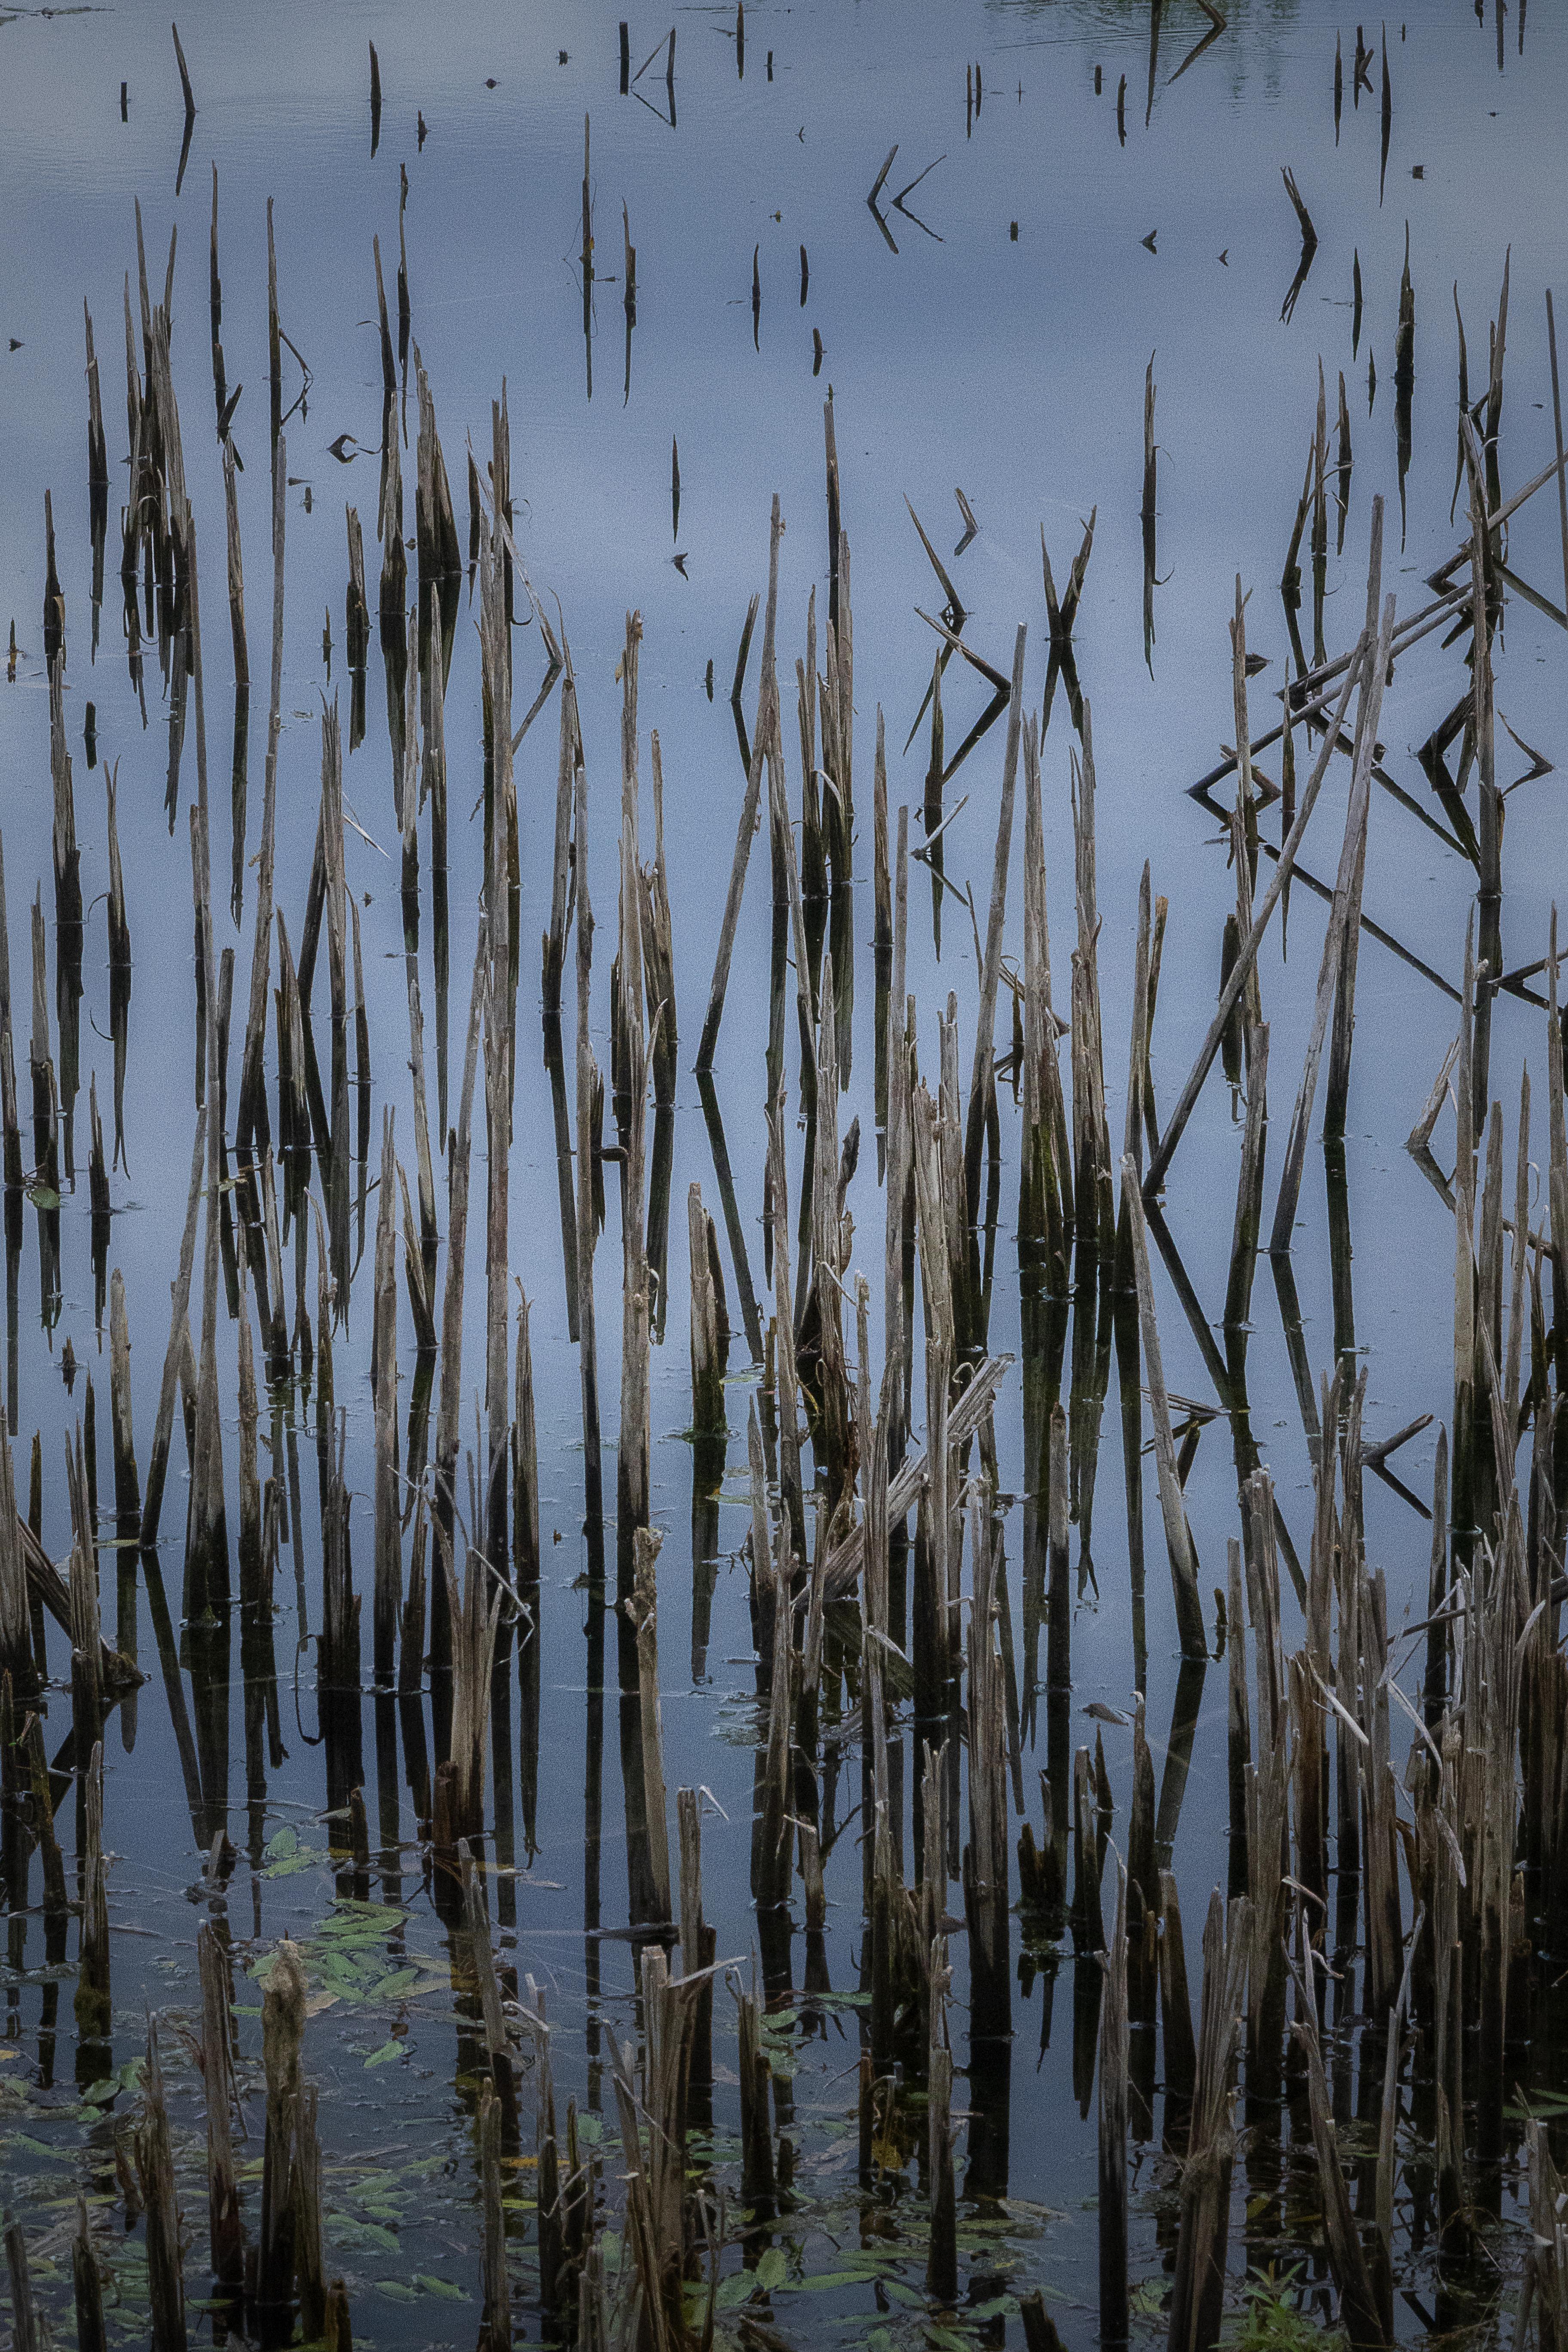 The Morning Sings Through Broken Reeds